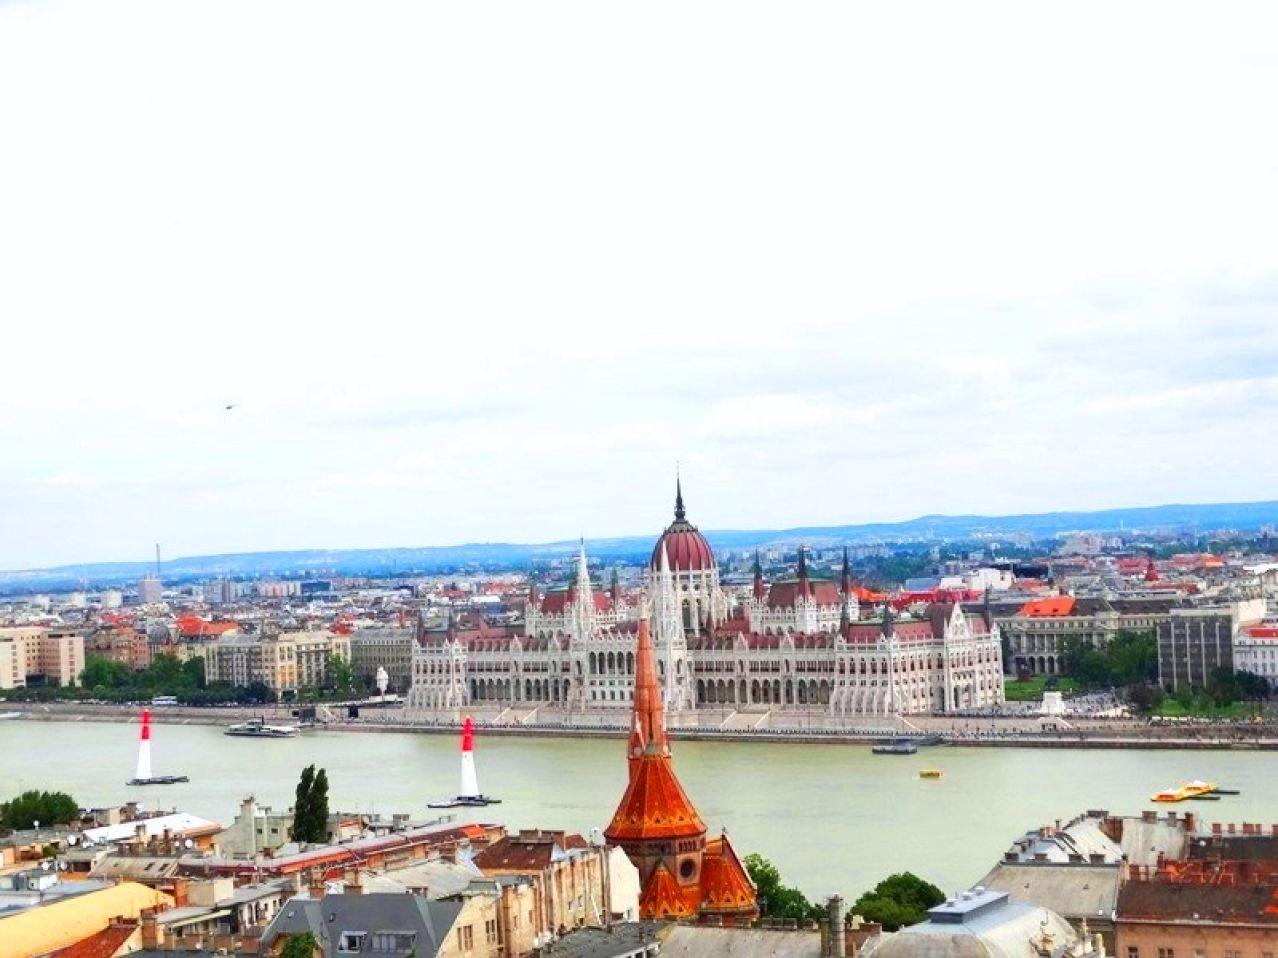 Речен круиз по Дунав до Виена, Братислава, Будапеща...